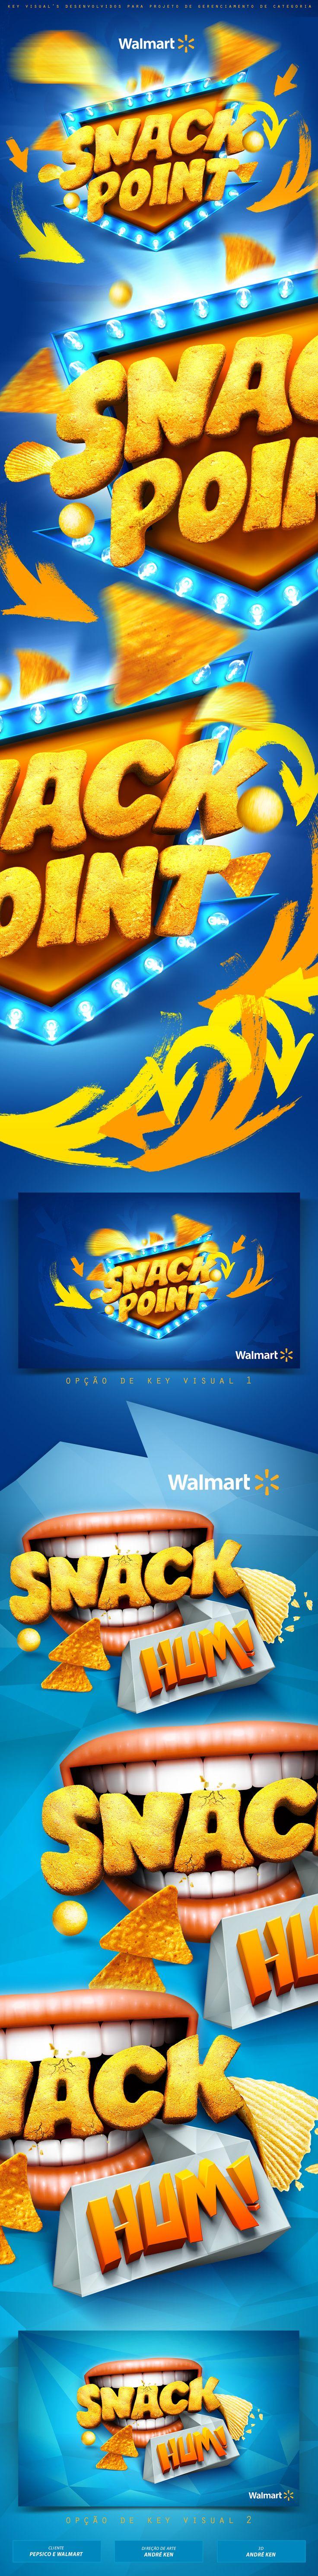 Pepsico - Walmart on Behance